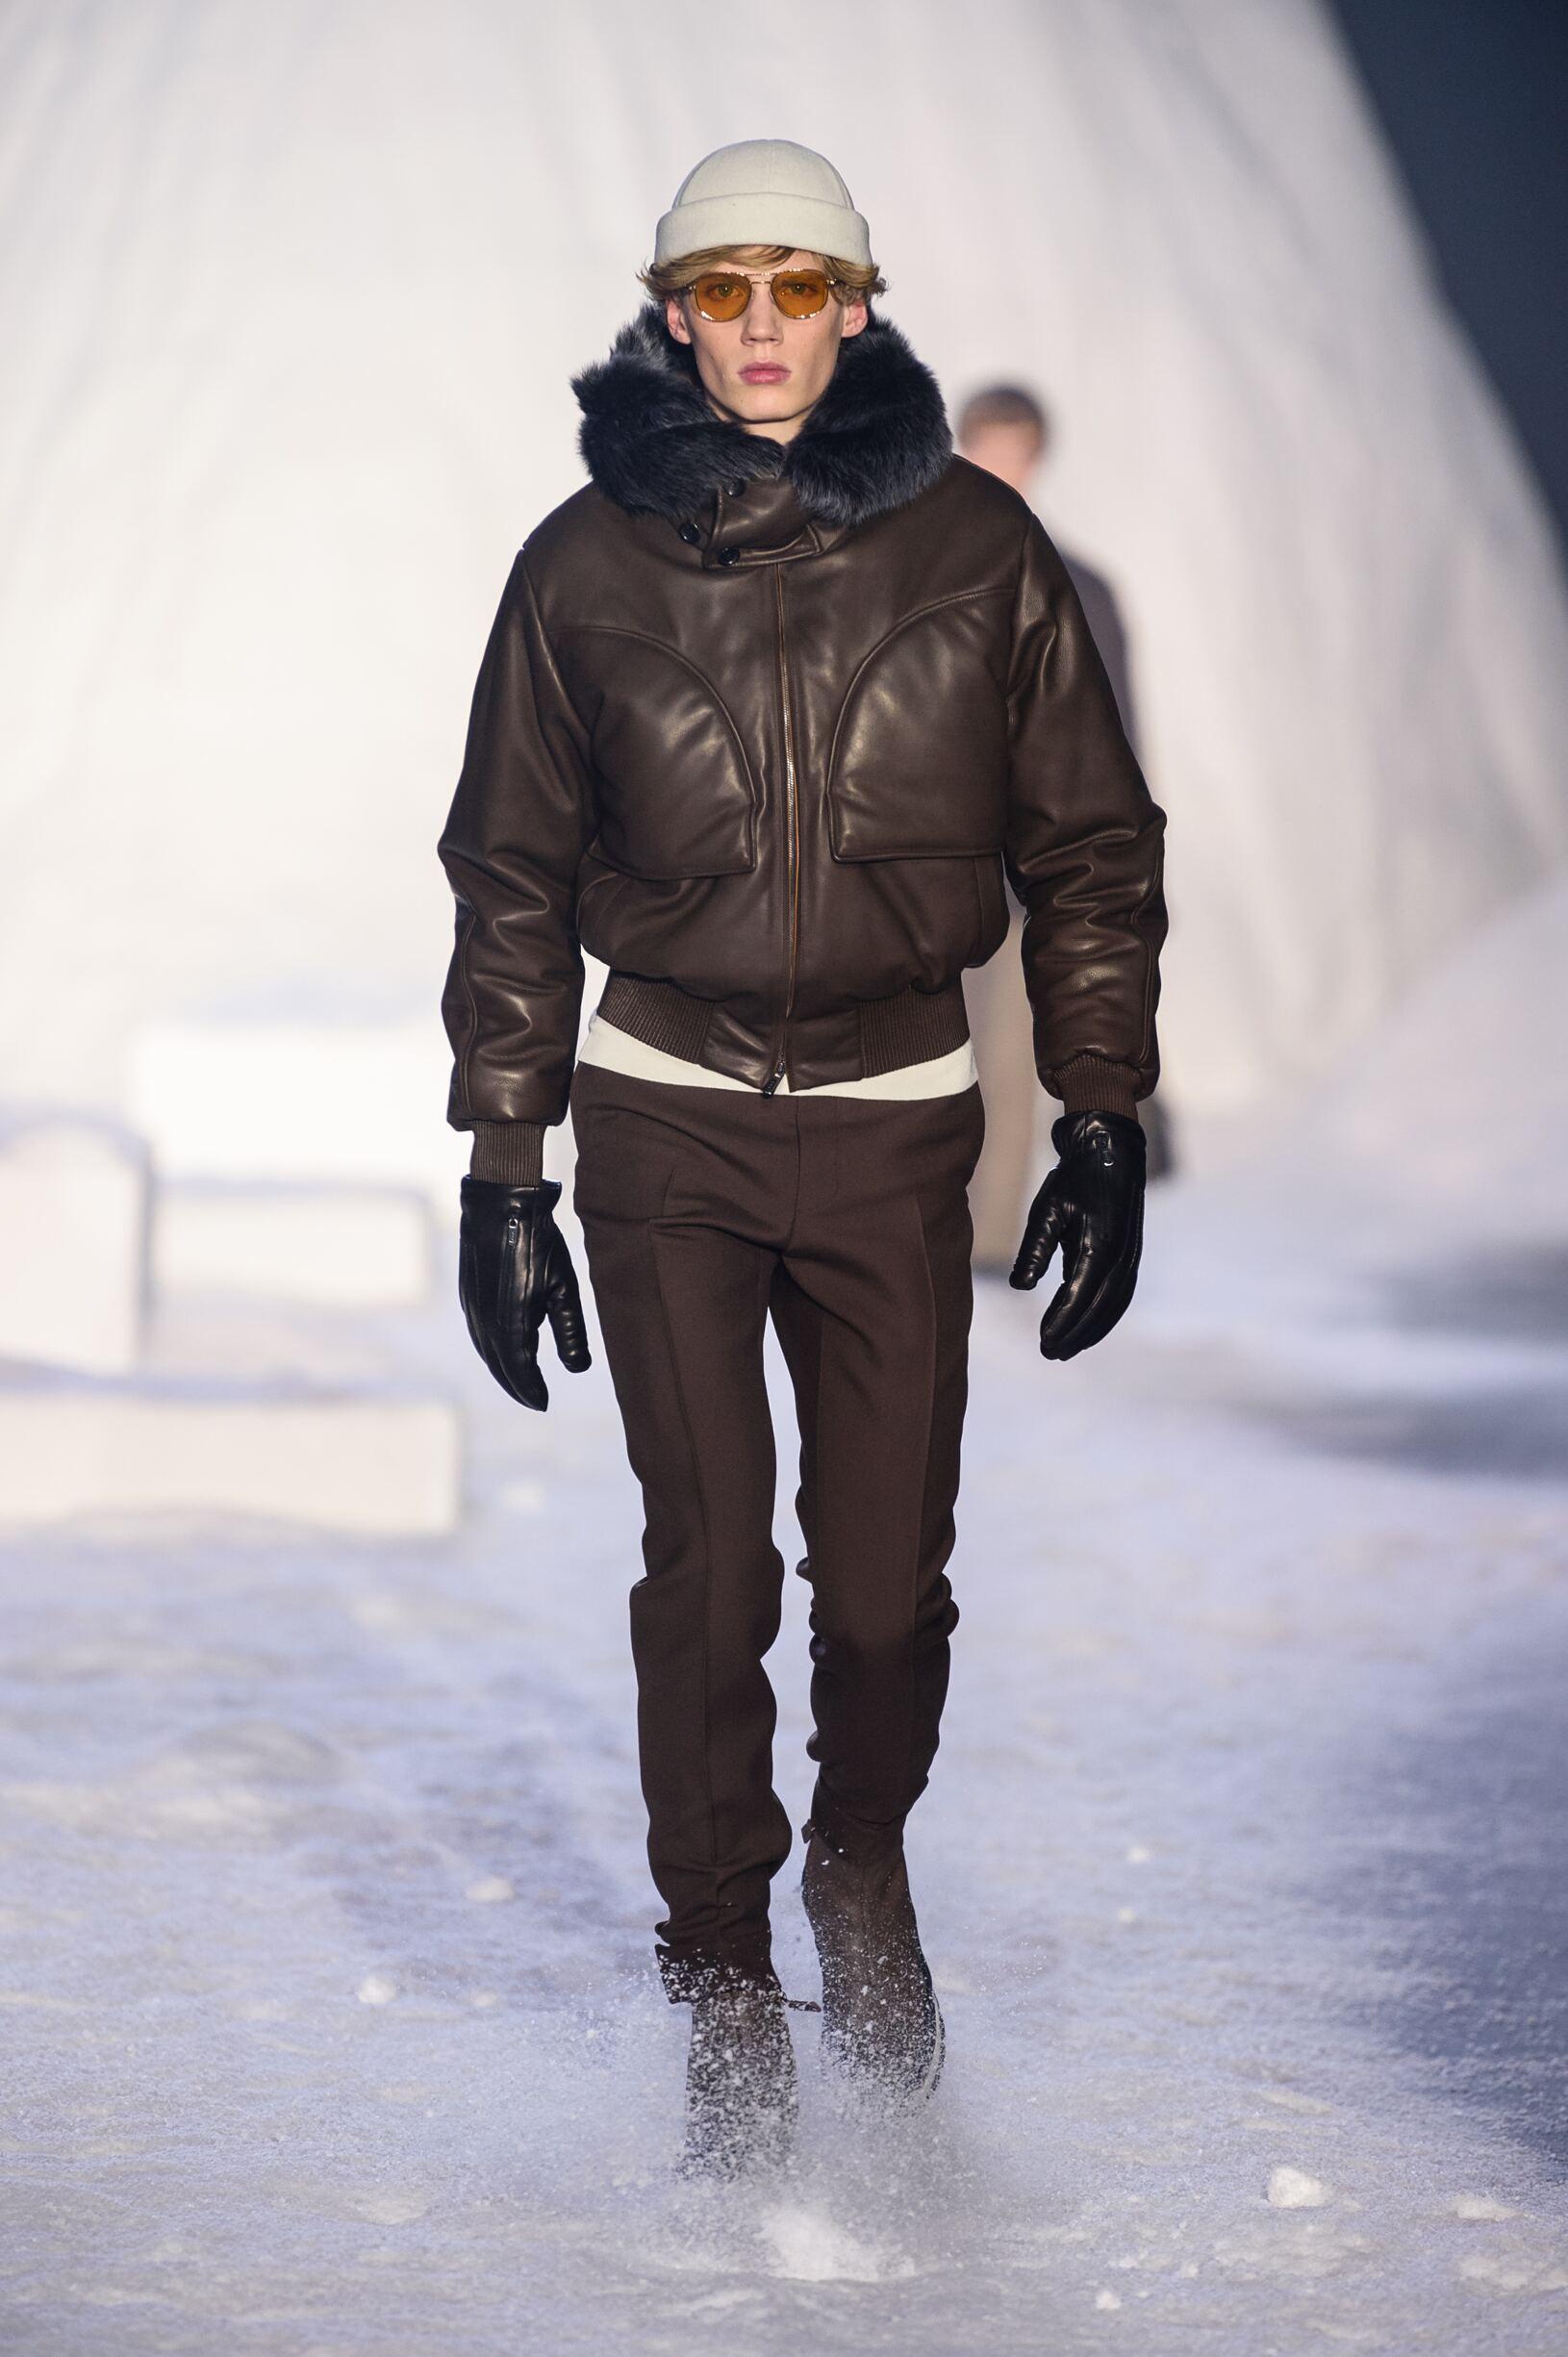 Ermenegildo Zegna Couture Man Style 2018